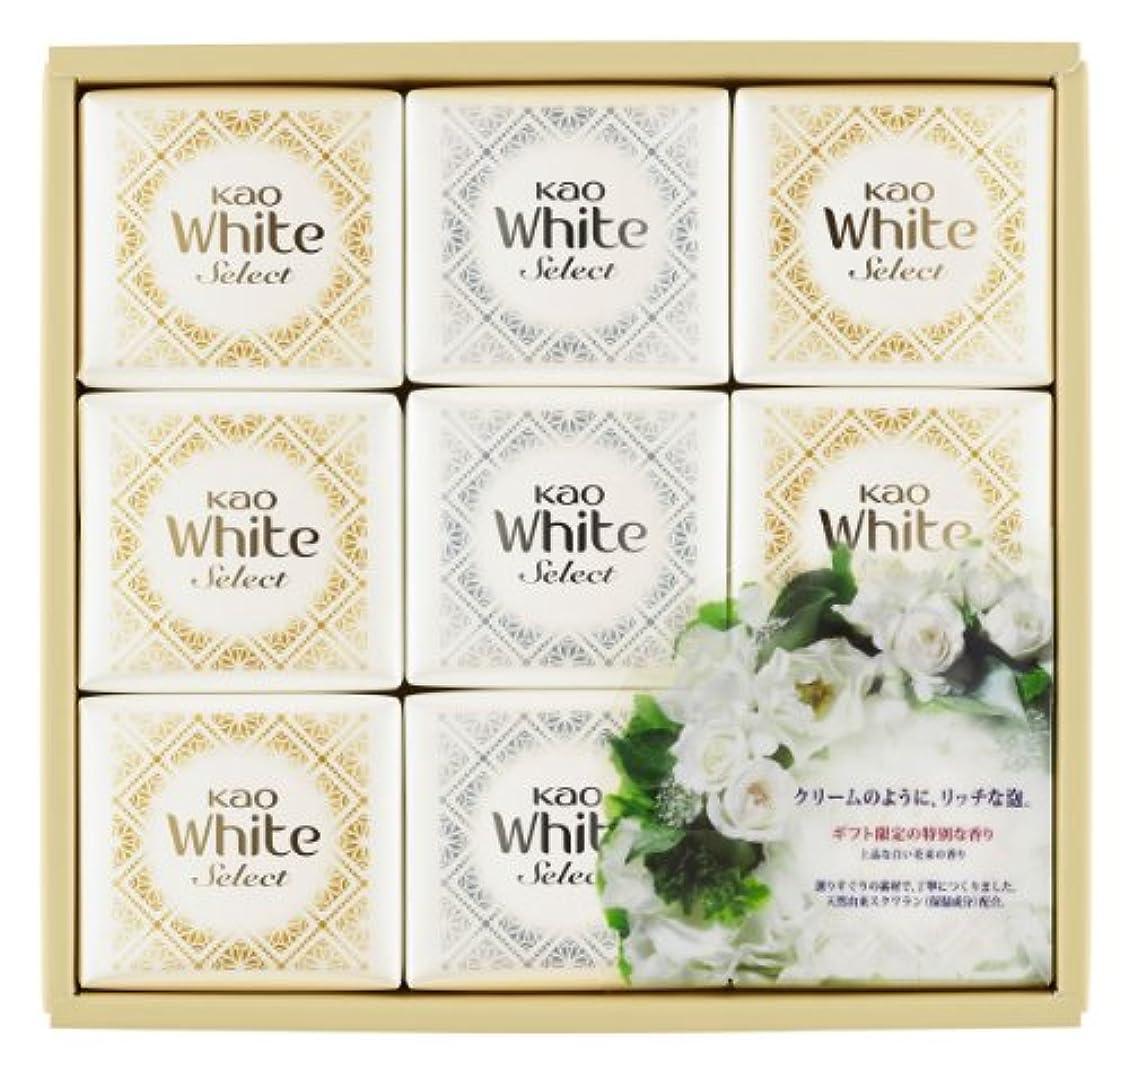 疑問に思う並外れた学ぶ花王ホワイト セレクト 上品な白い花束の香り 85g 9コ K?WS-15